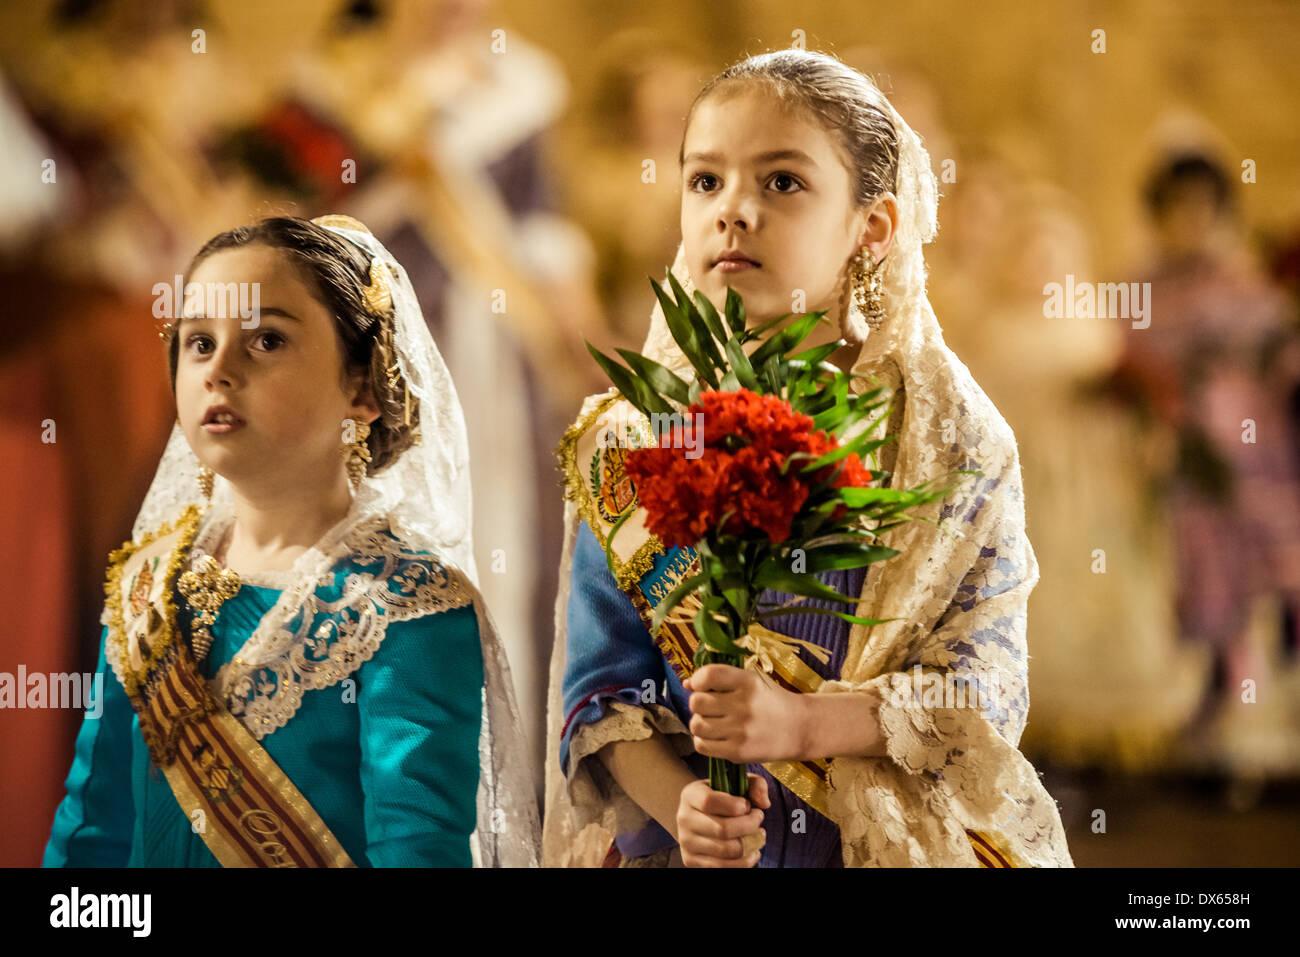 Valencia, Spagna. Marzo 18th, 2014: un po' di Fallera offre finalmente il suo bouquet di fiori alla Vergine Immagini Stock